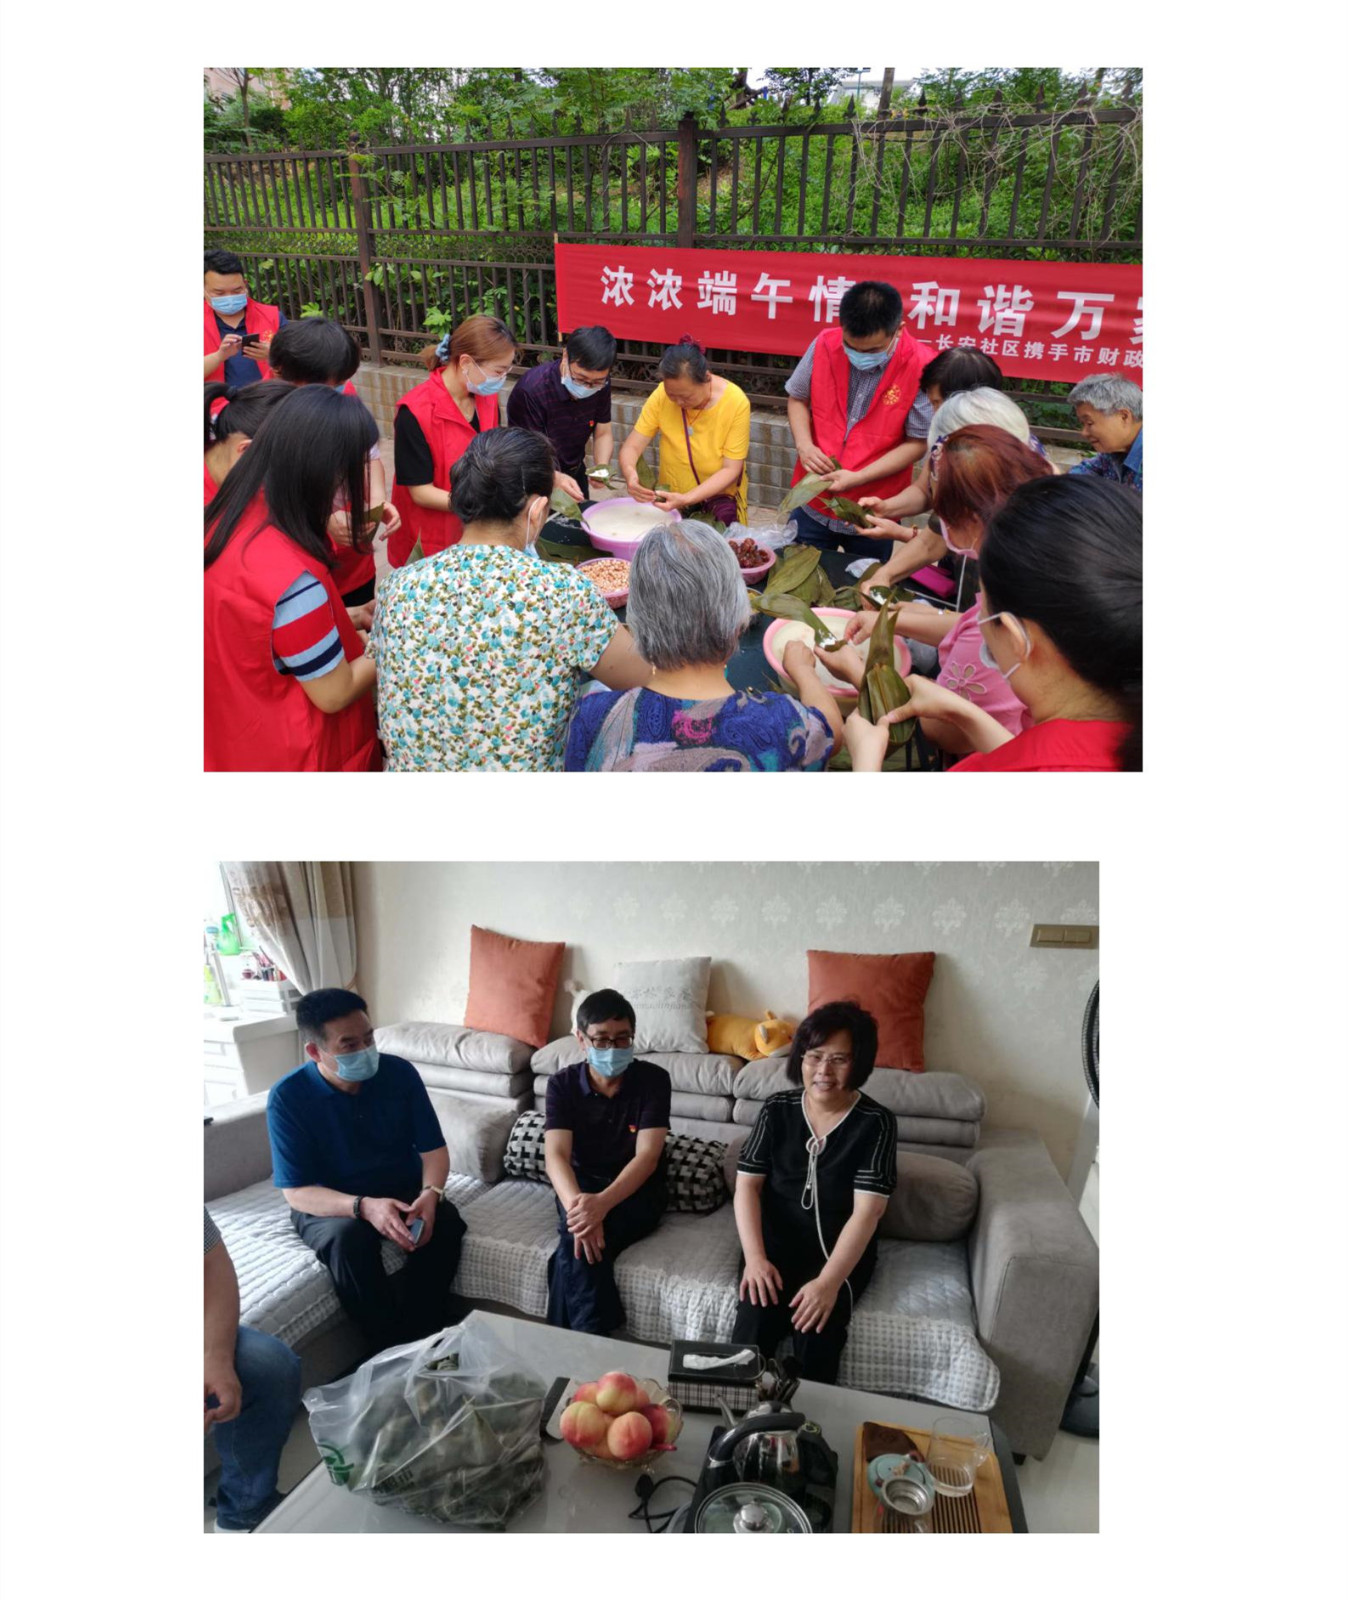 与长安社区举行端午节共驻共建活动 - 副本_01.jpg